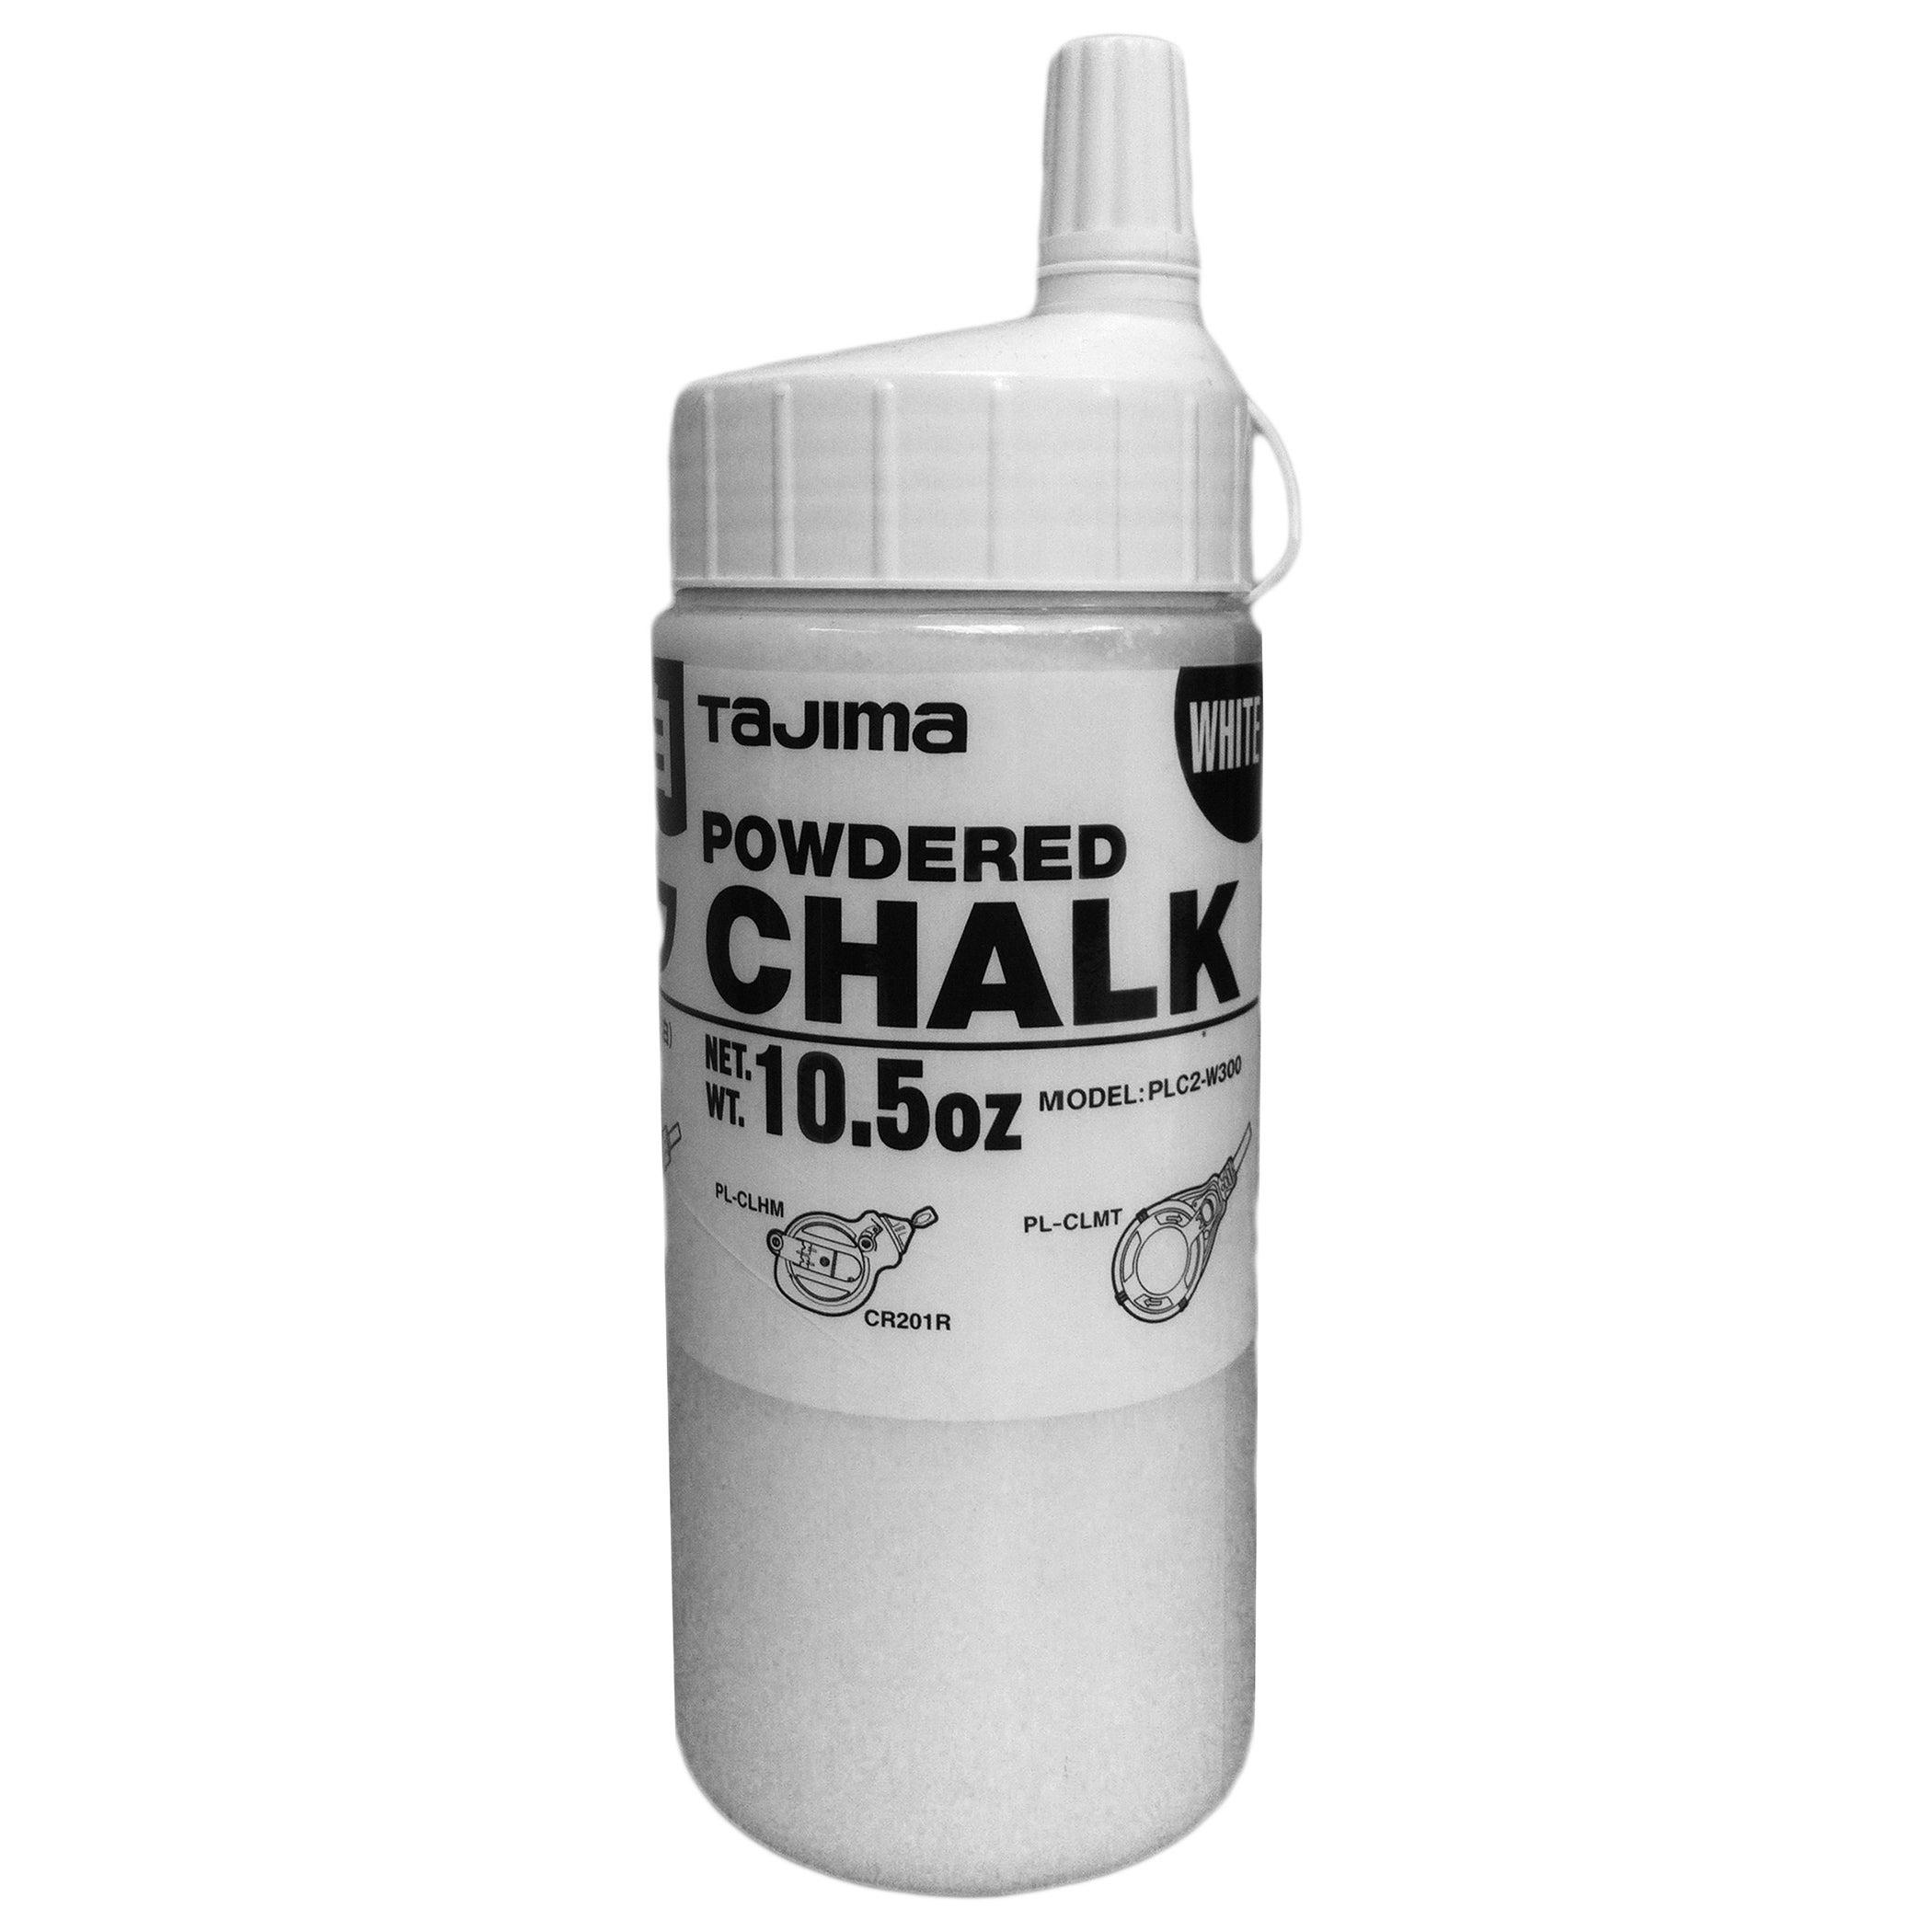 Tajima PLC2-W300 White 10.5 Oz Powdered Chalk (Measures&levels)